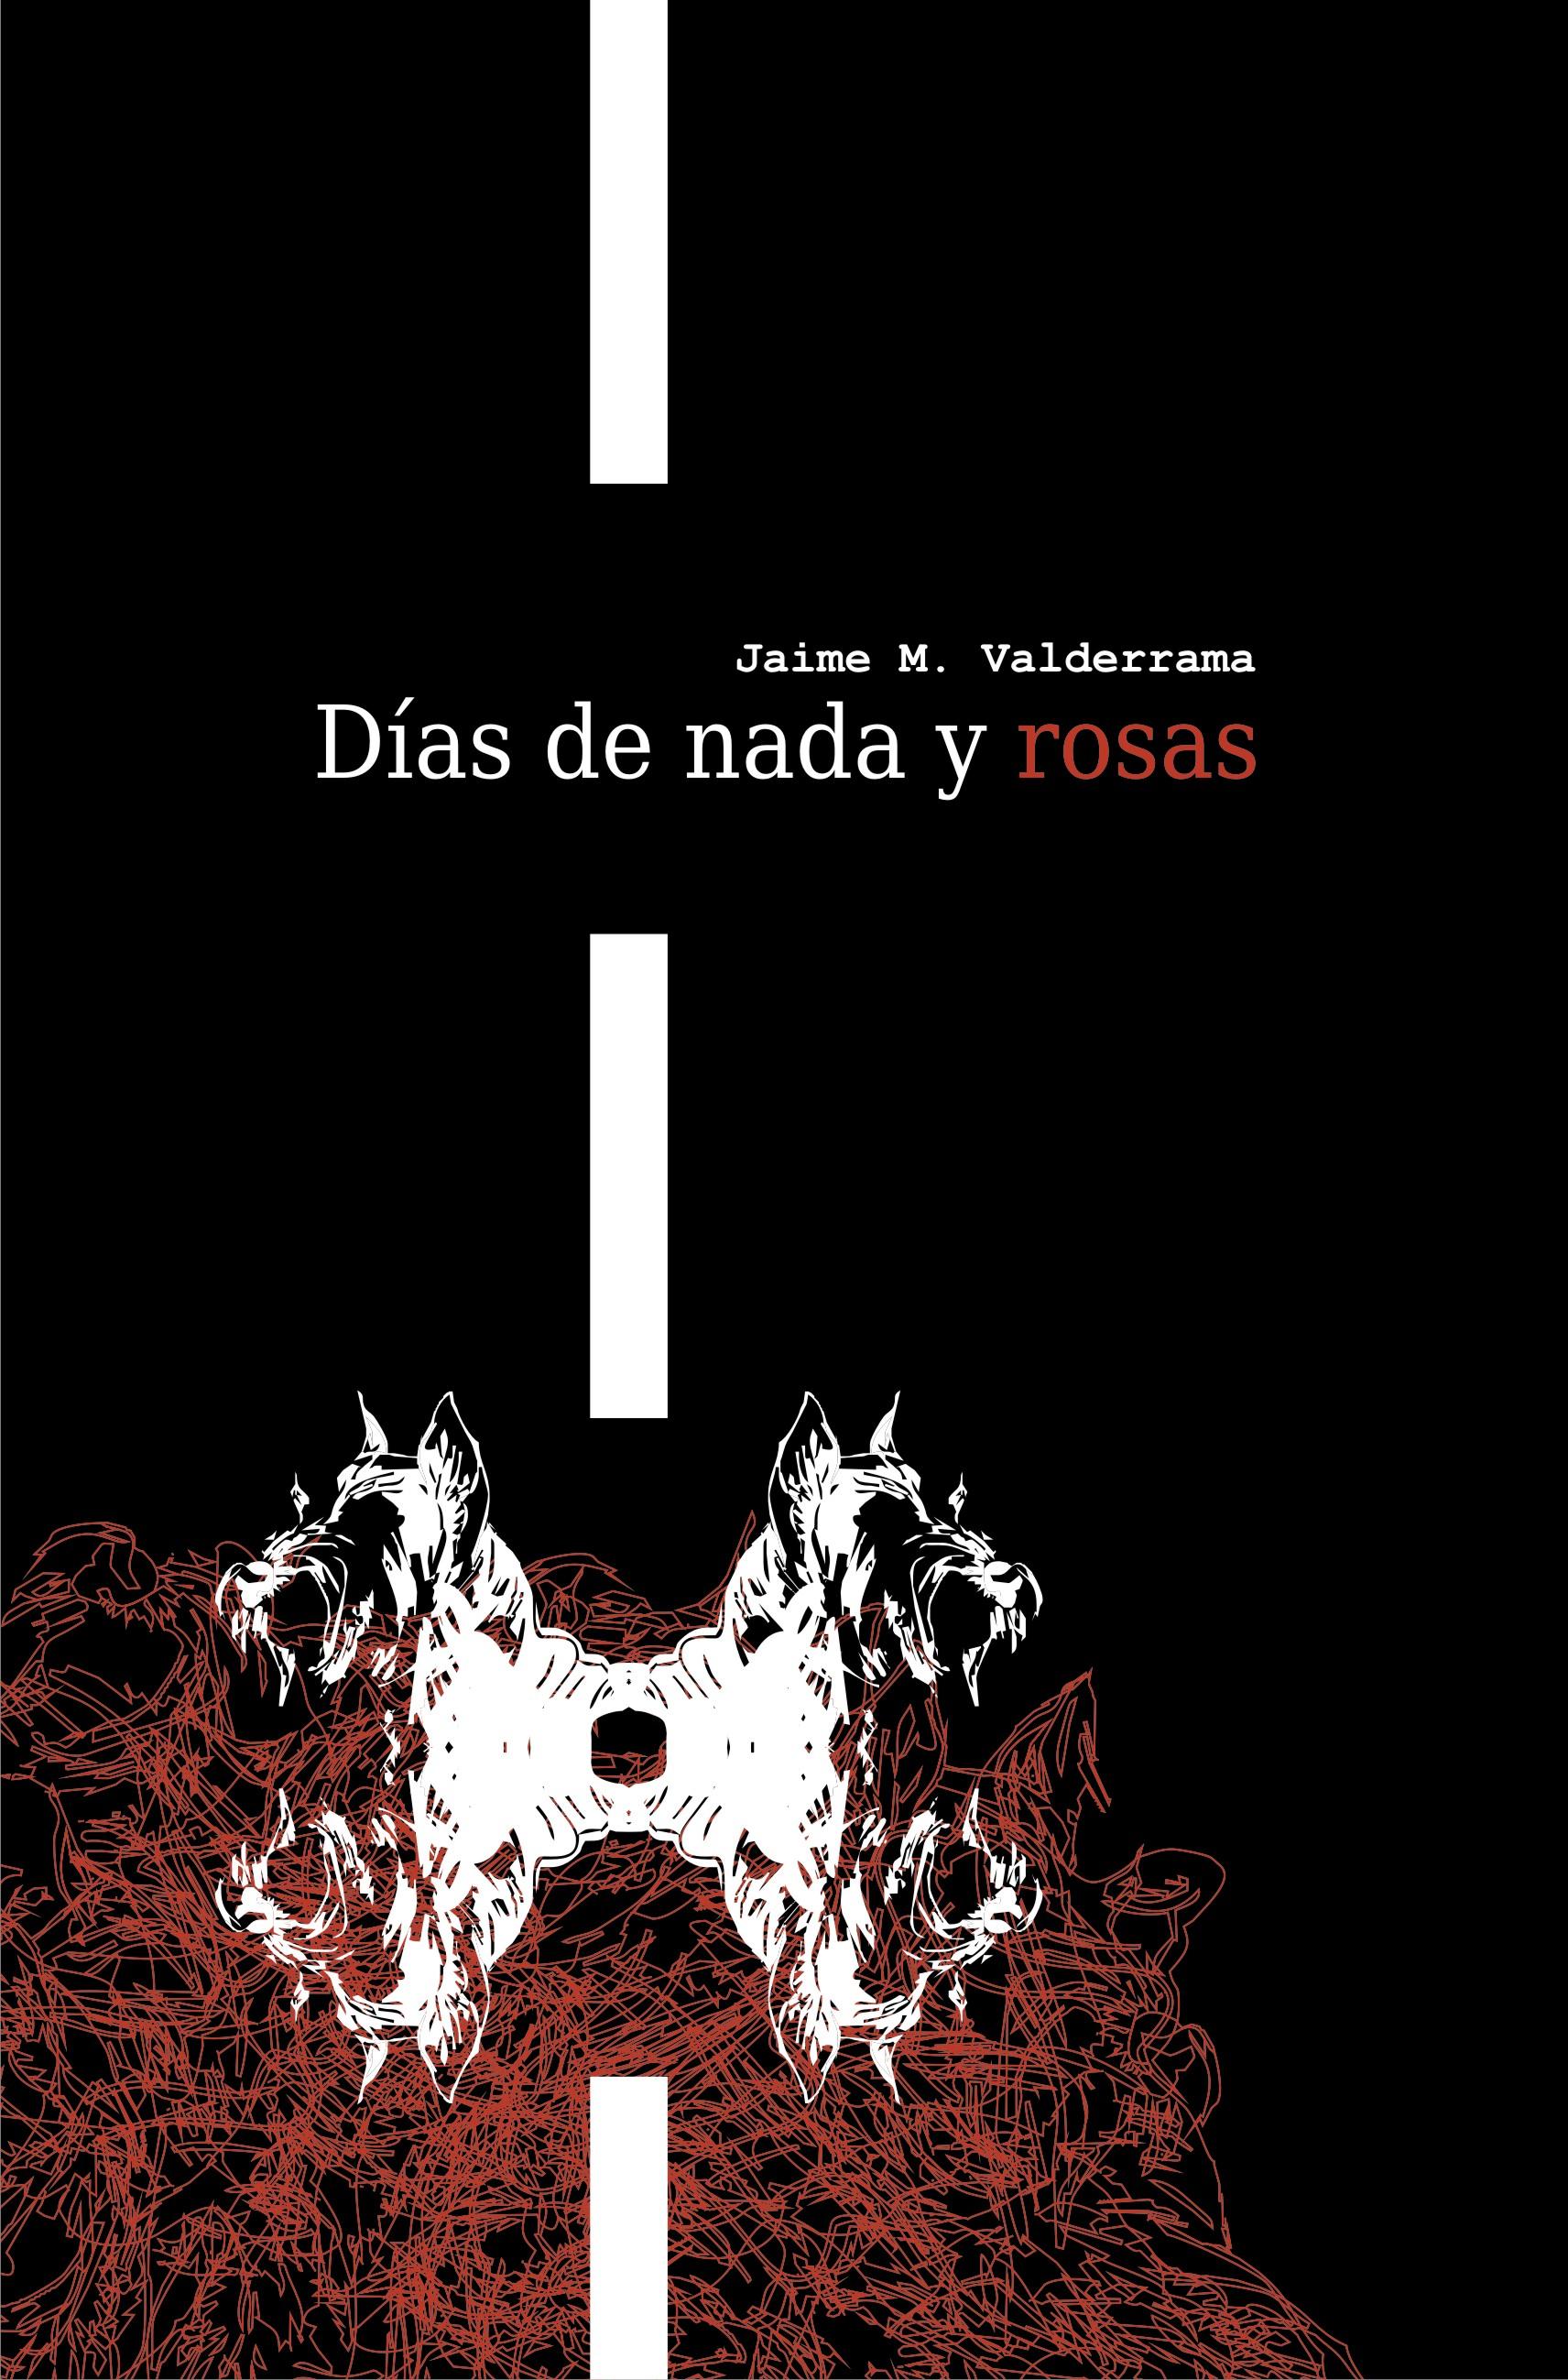 Días de nada y rosas